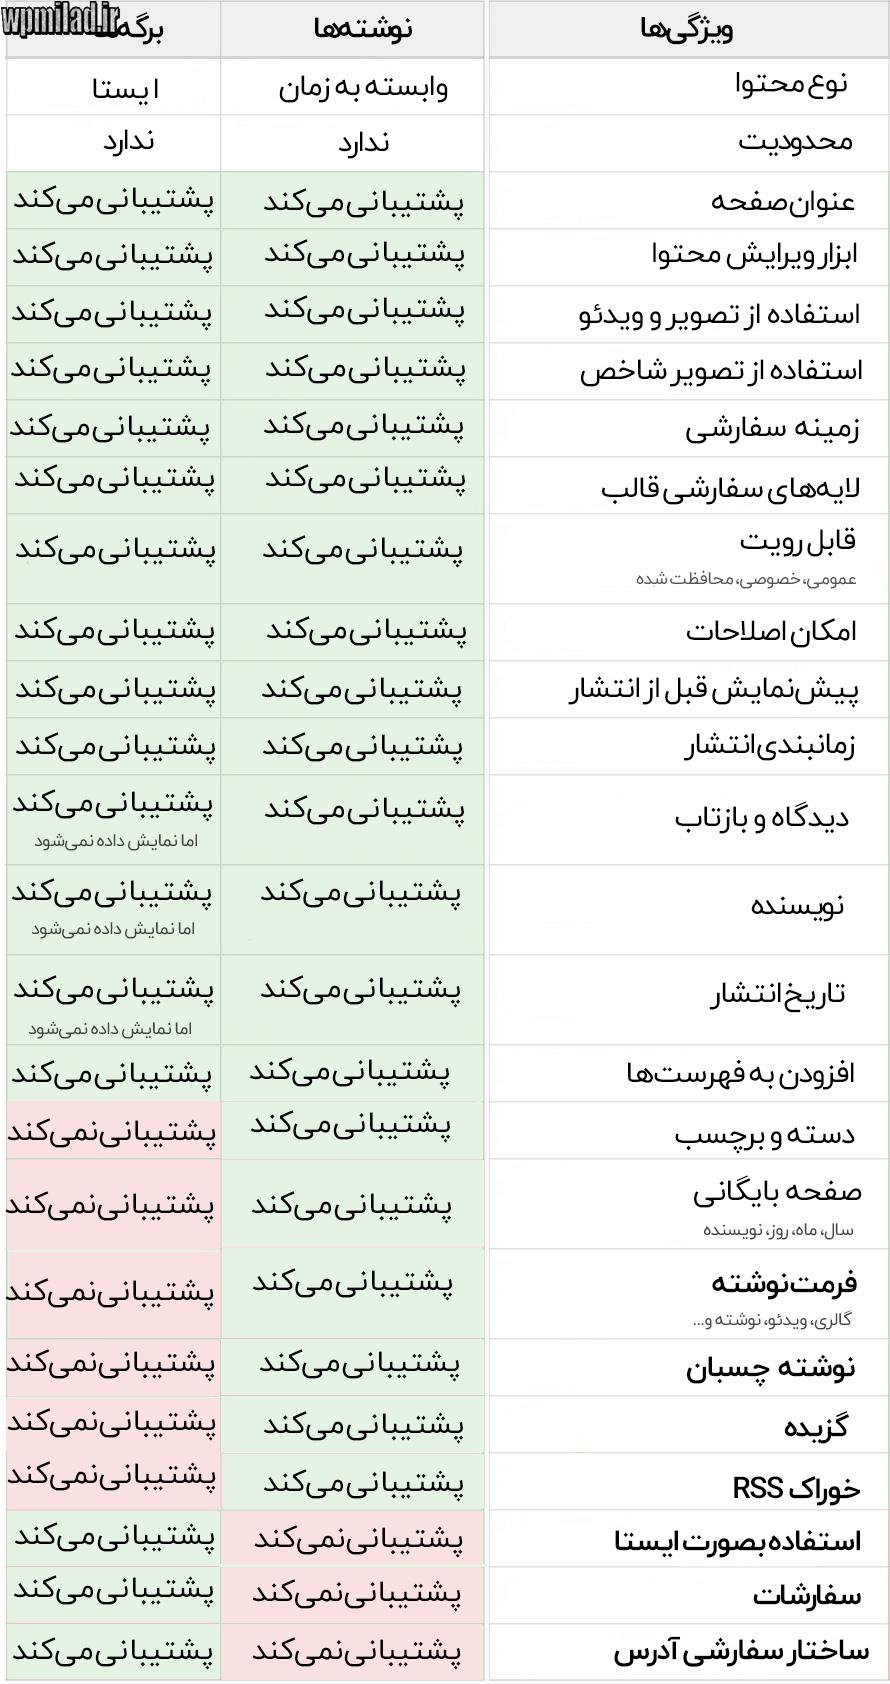 جدول تفاوت برگه با نوشته در وردپرس